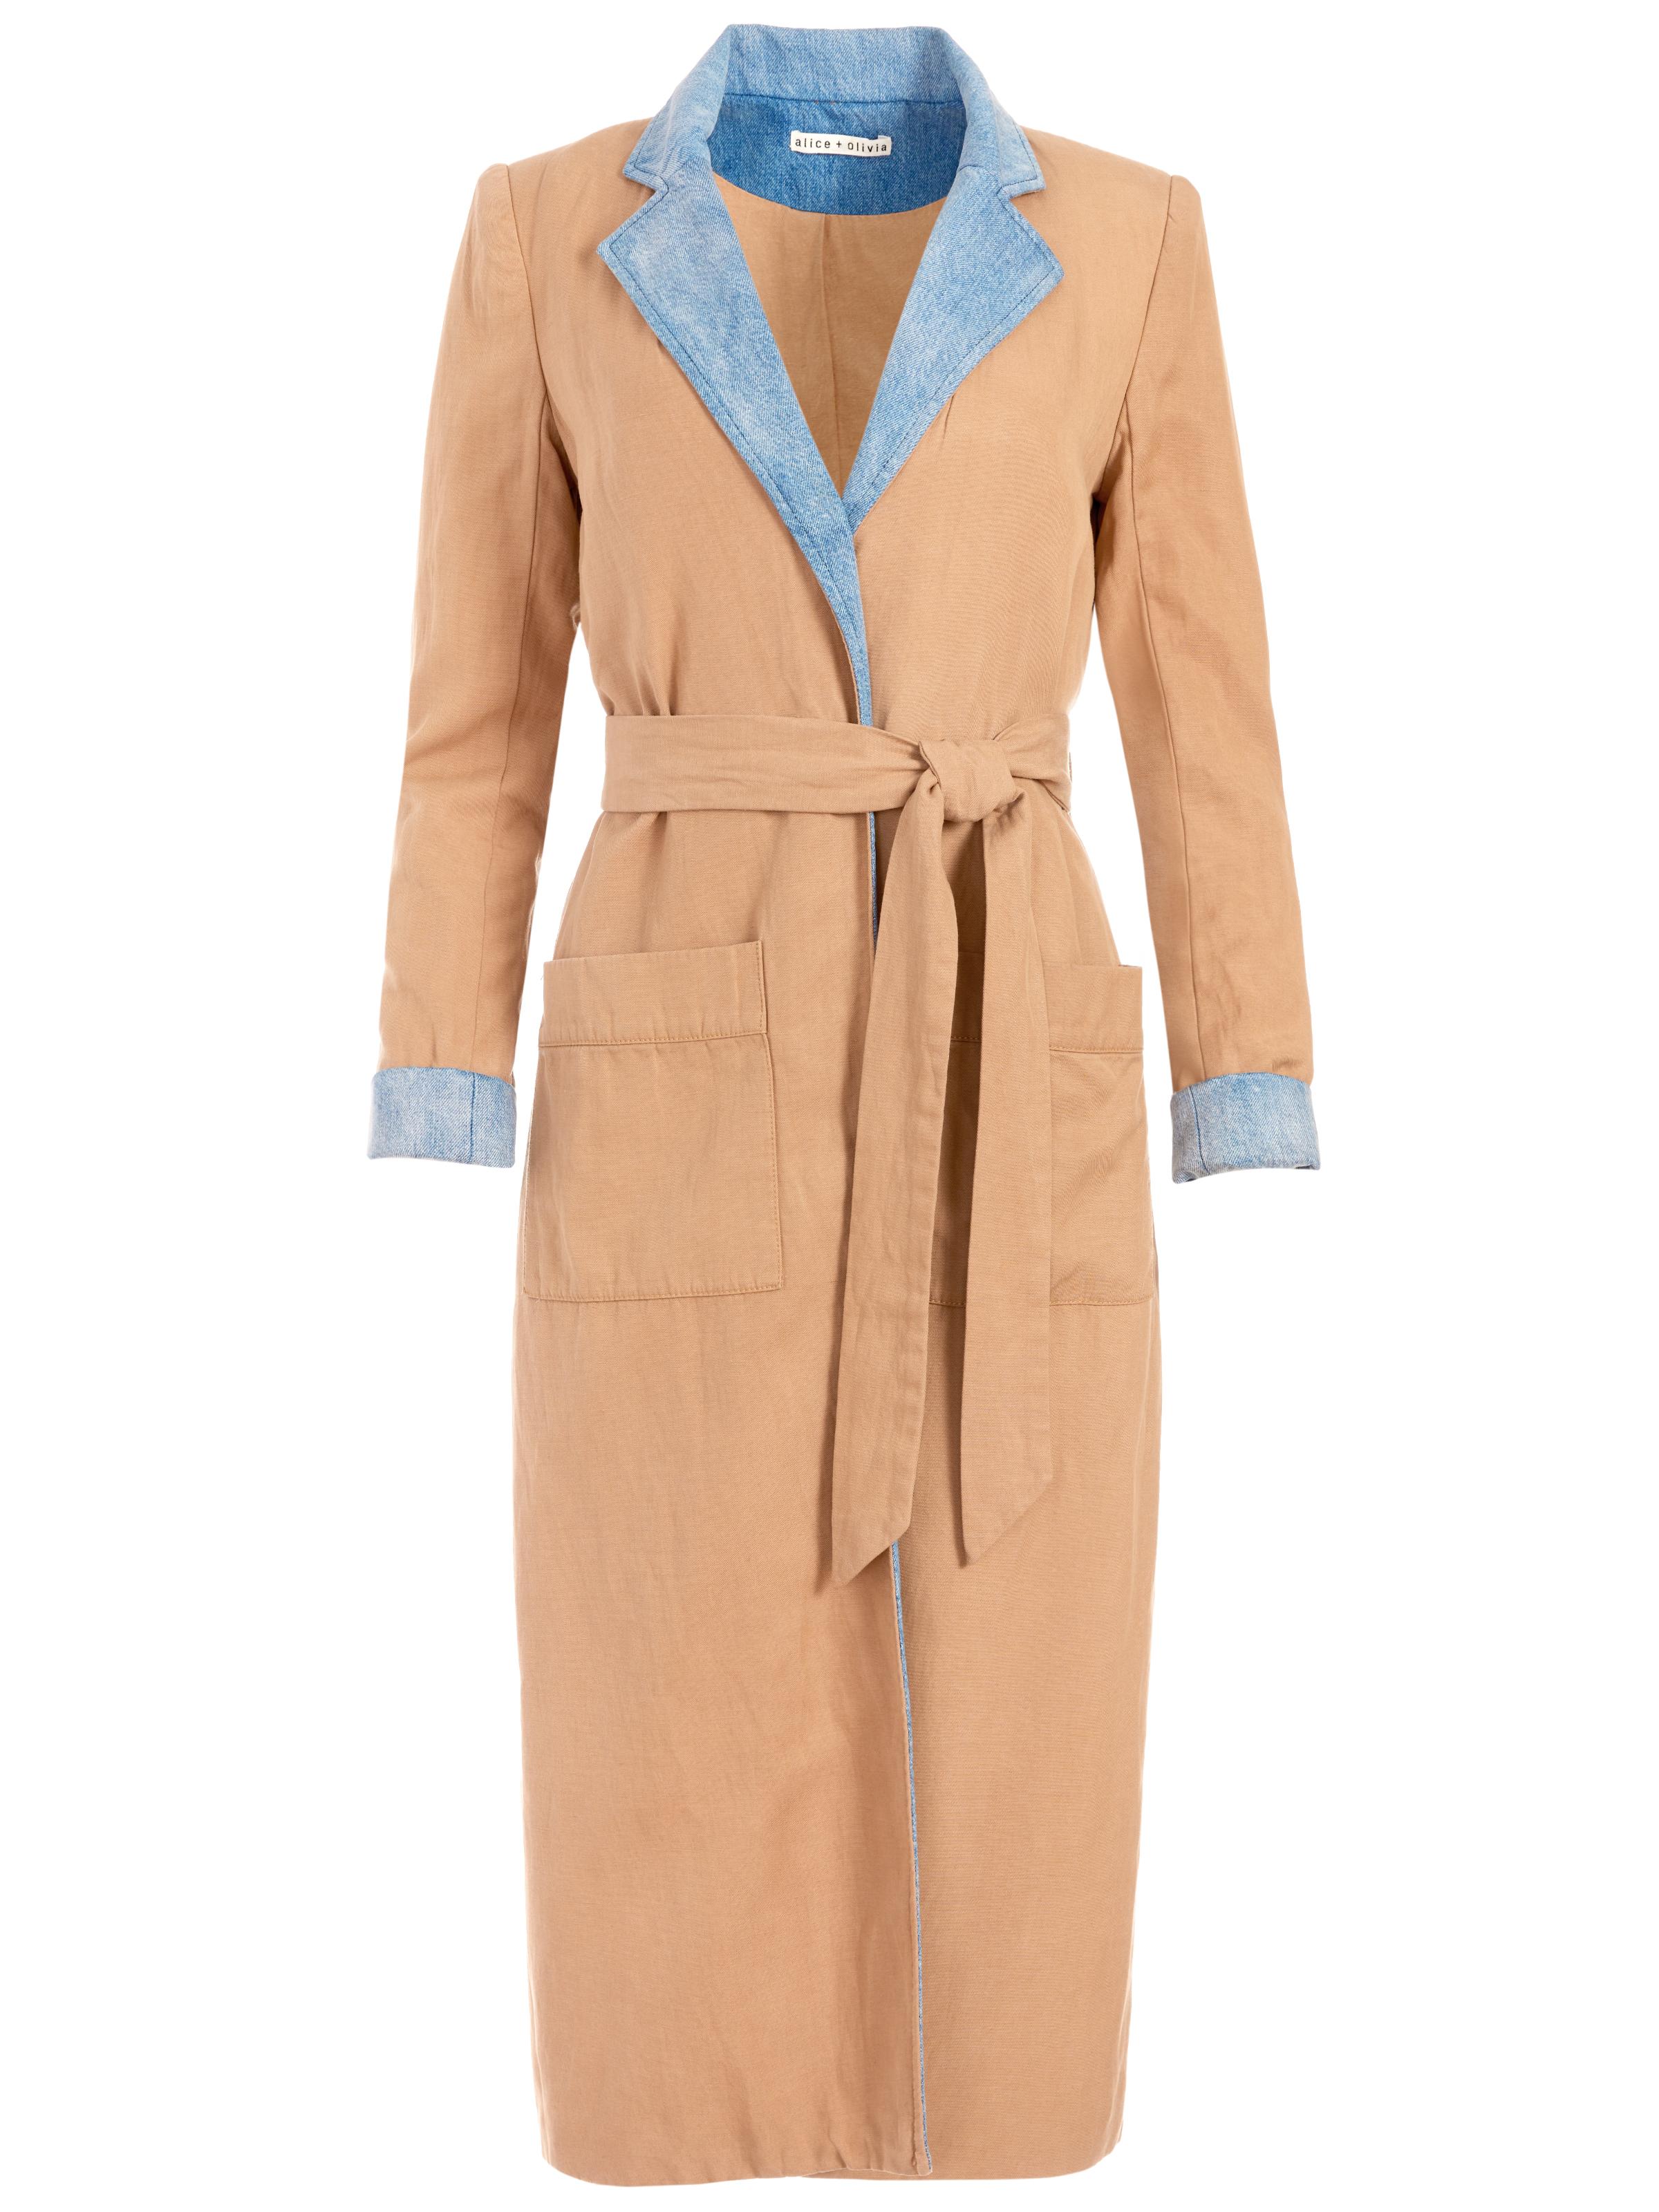 Jackets + Coats